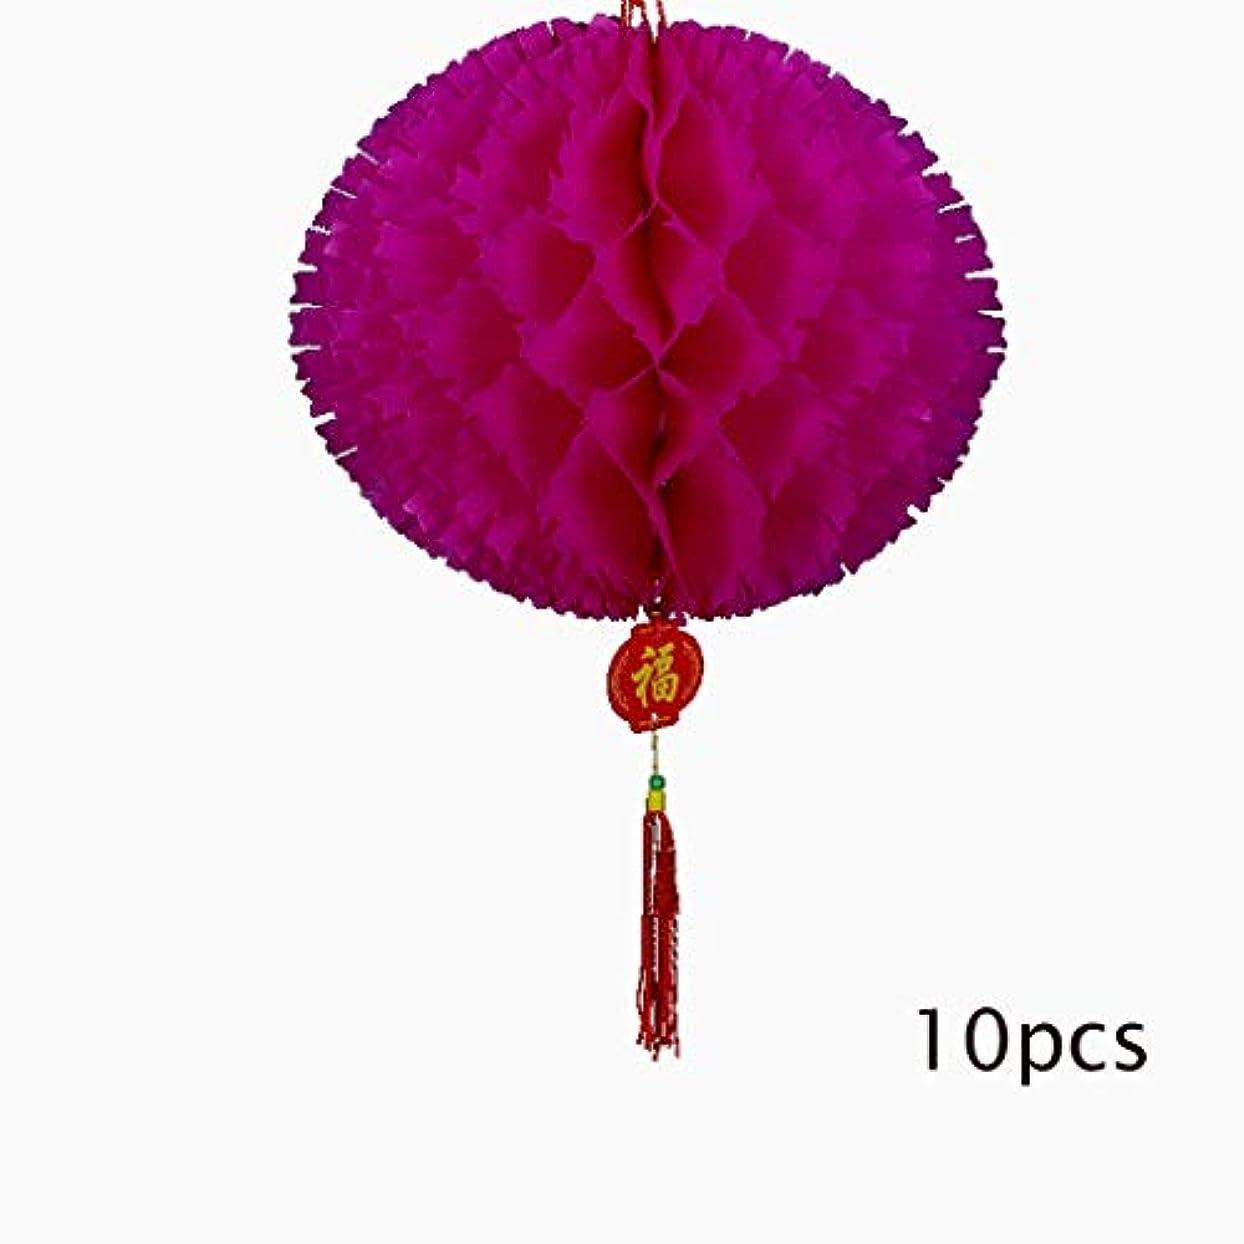 一晩つなぐレザープラスチック製のランタンペーパーフラワーボール紙ボールランタン誕生日パーティー結婚式誕生日ホームデコレーション色のランタン (Color : B)